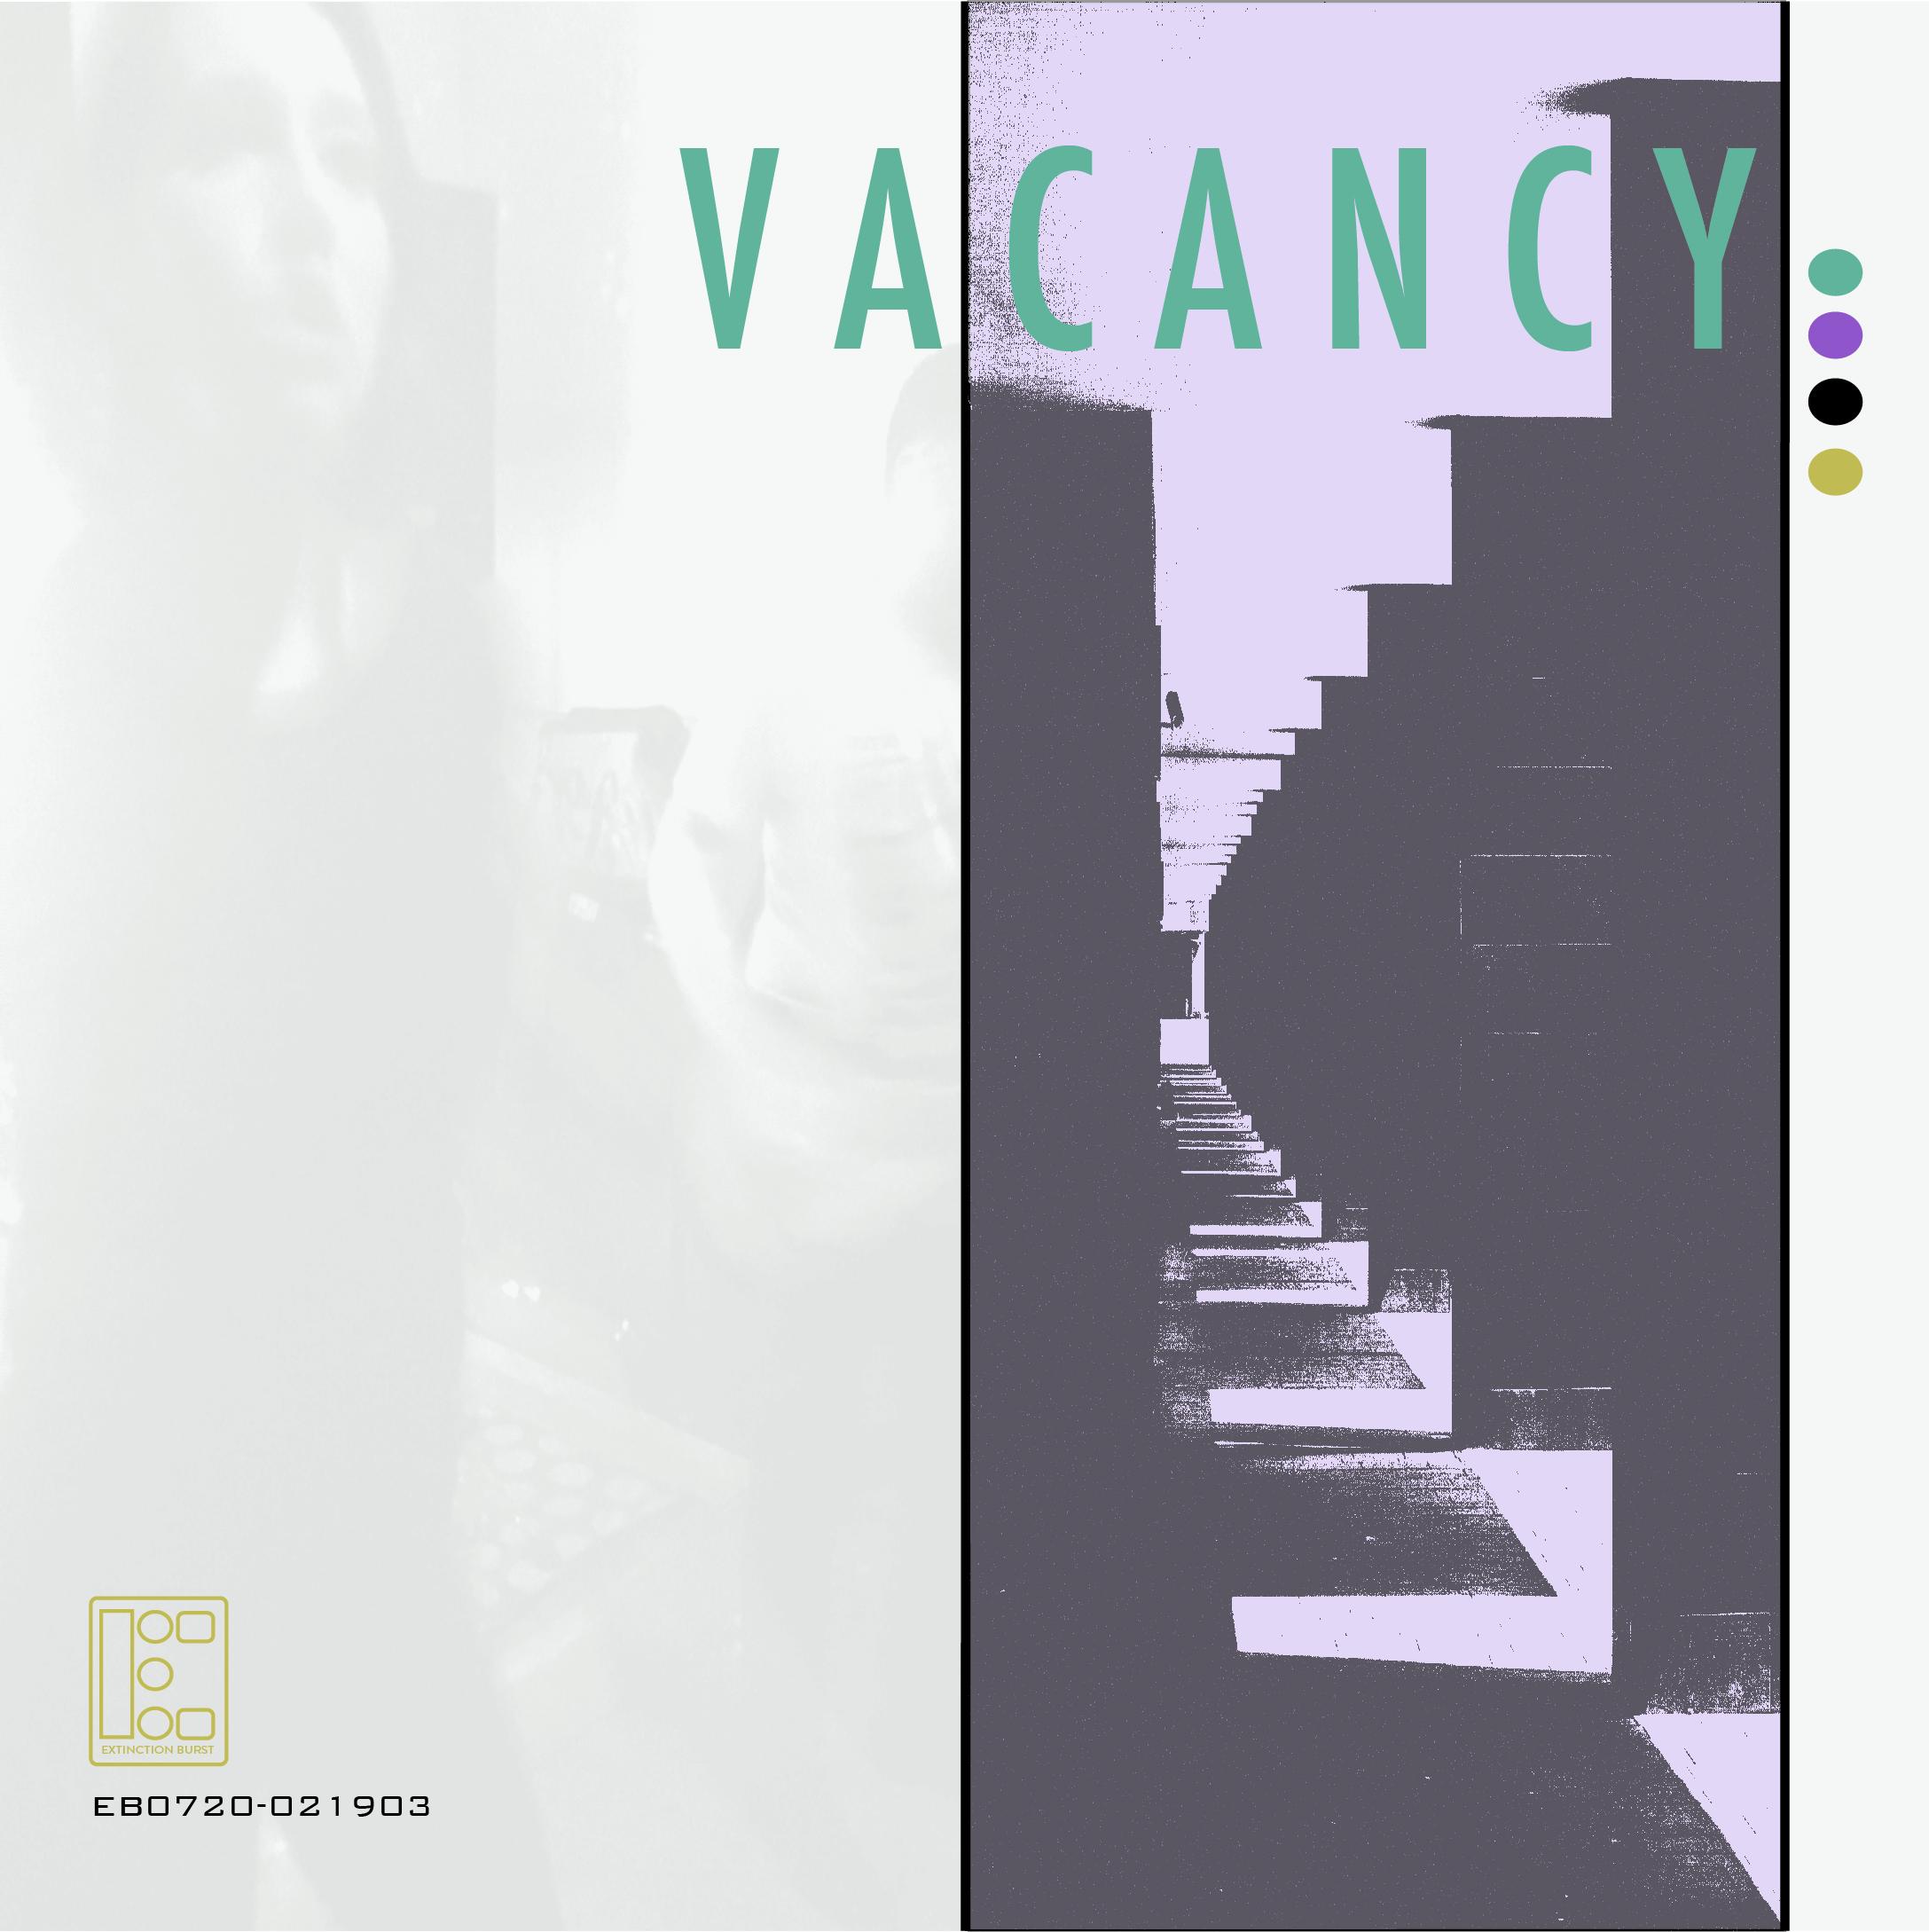 Vacancy s/t EP